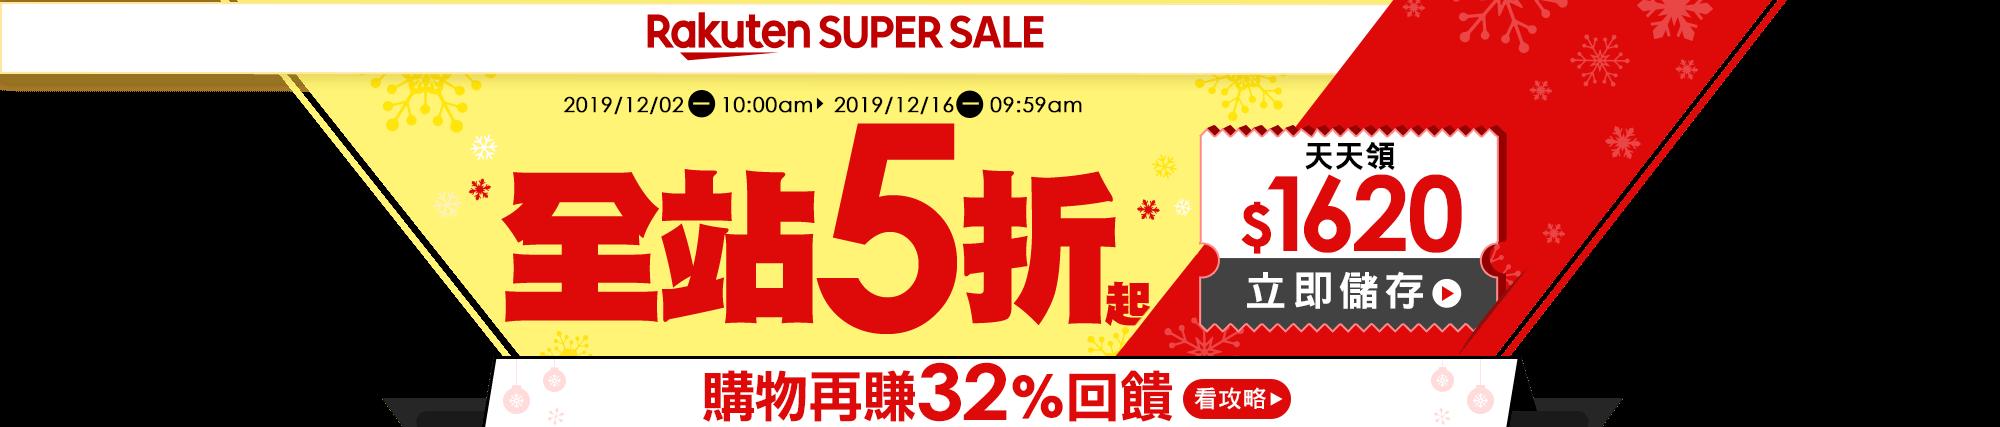 樂天雙12 SUPER SALE!整點特賣5折熱門商品,最高再賺32%回饋